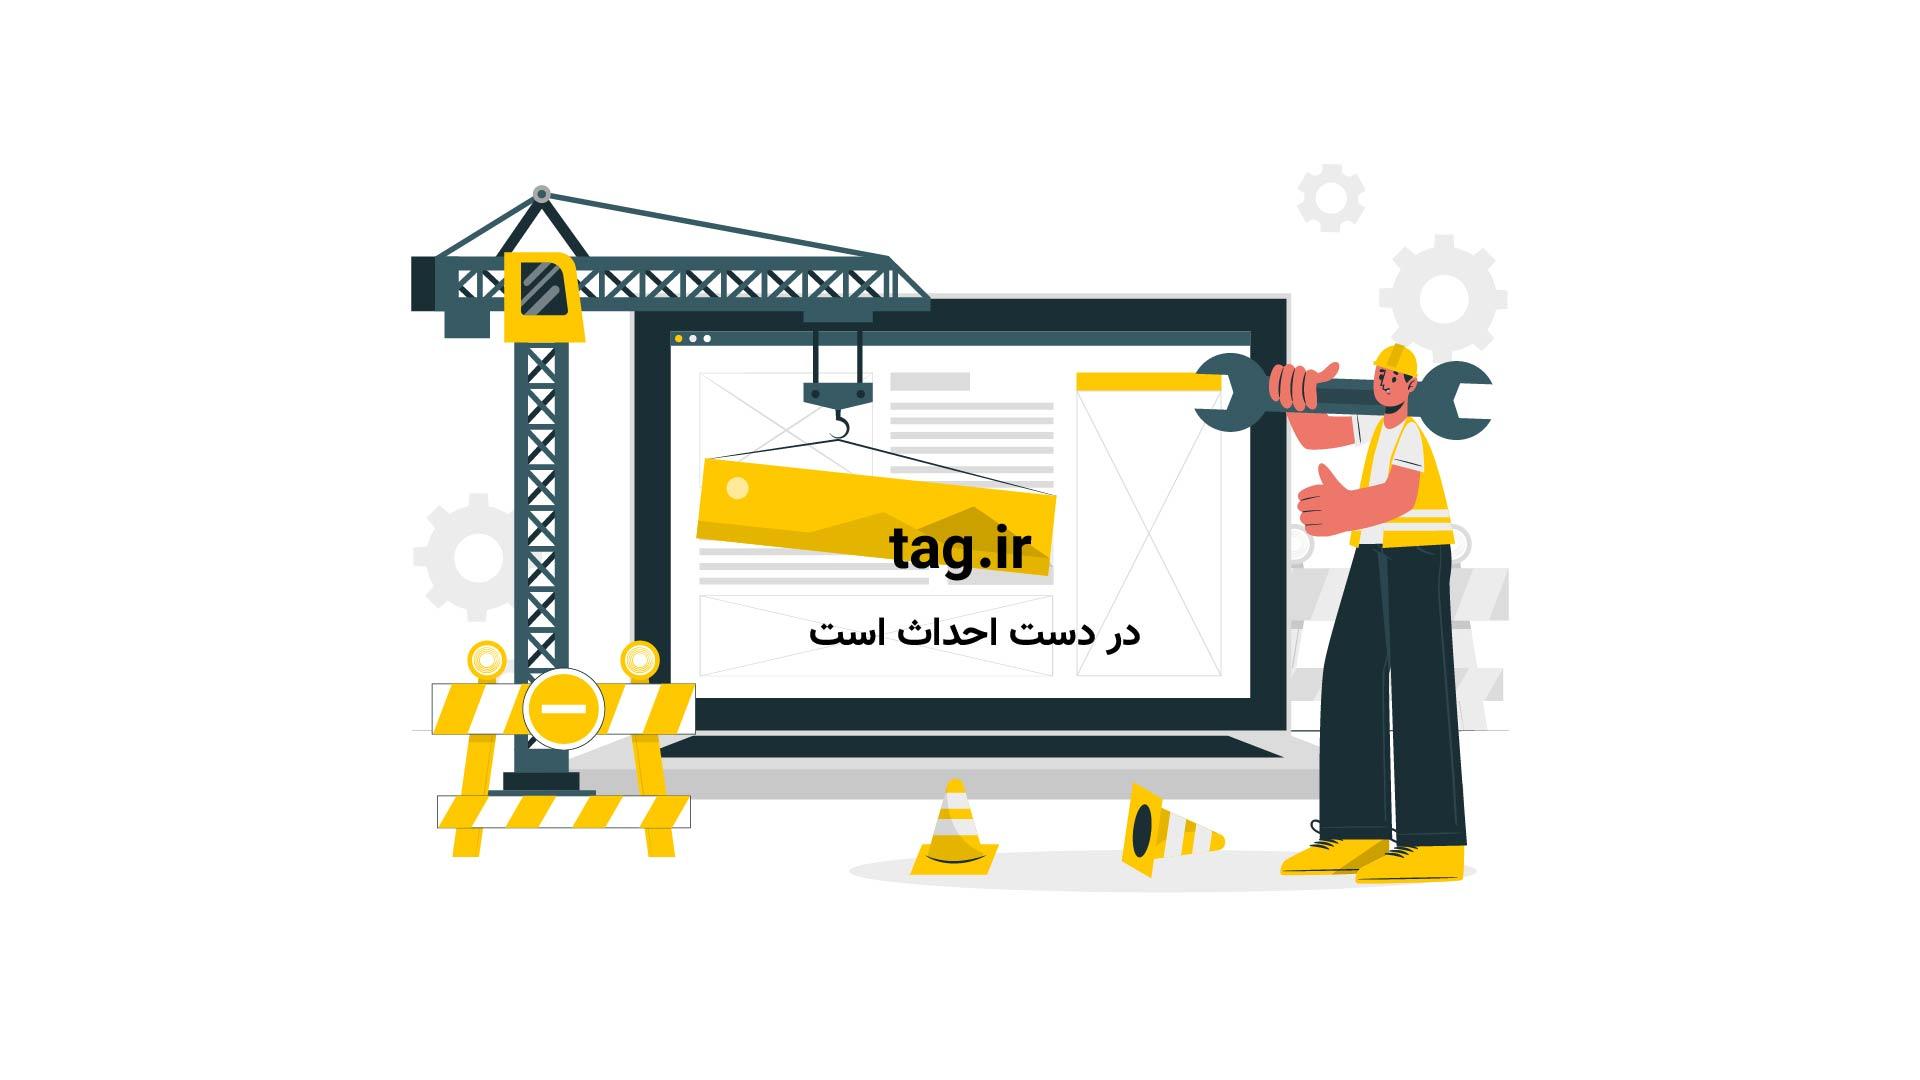 سریع ترین موتور سیکلت جهان | فیلم